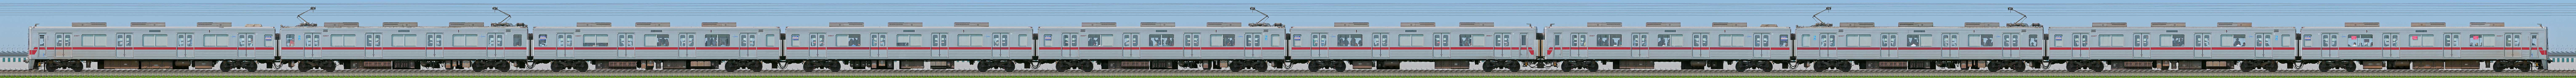 東武30000系31607編成(海側)の編成サイドビュー